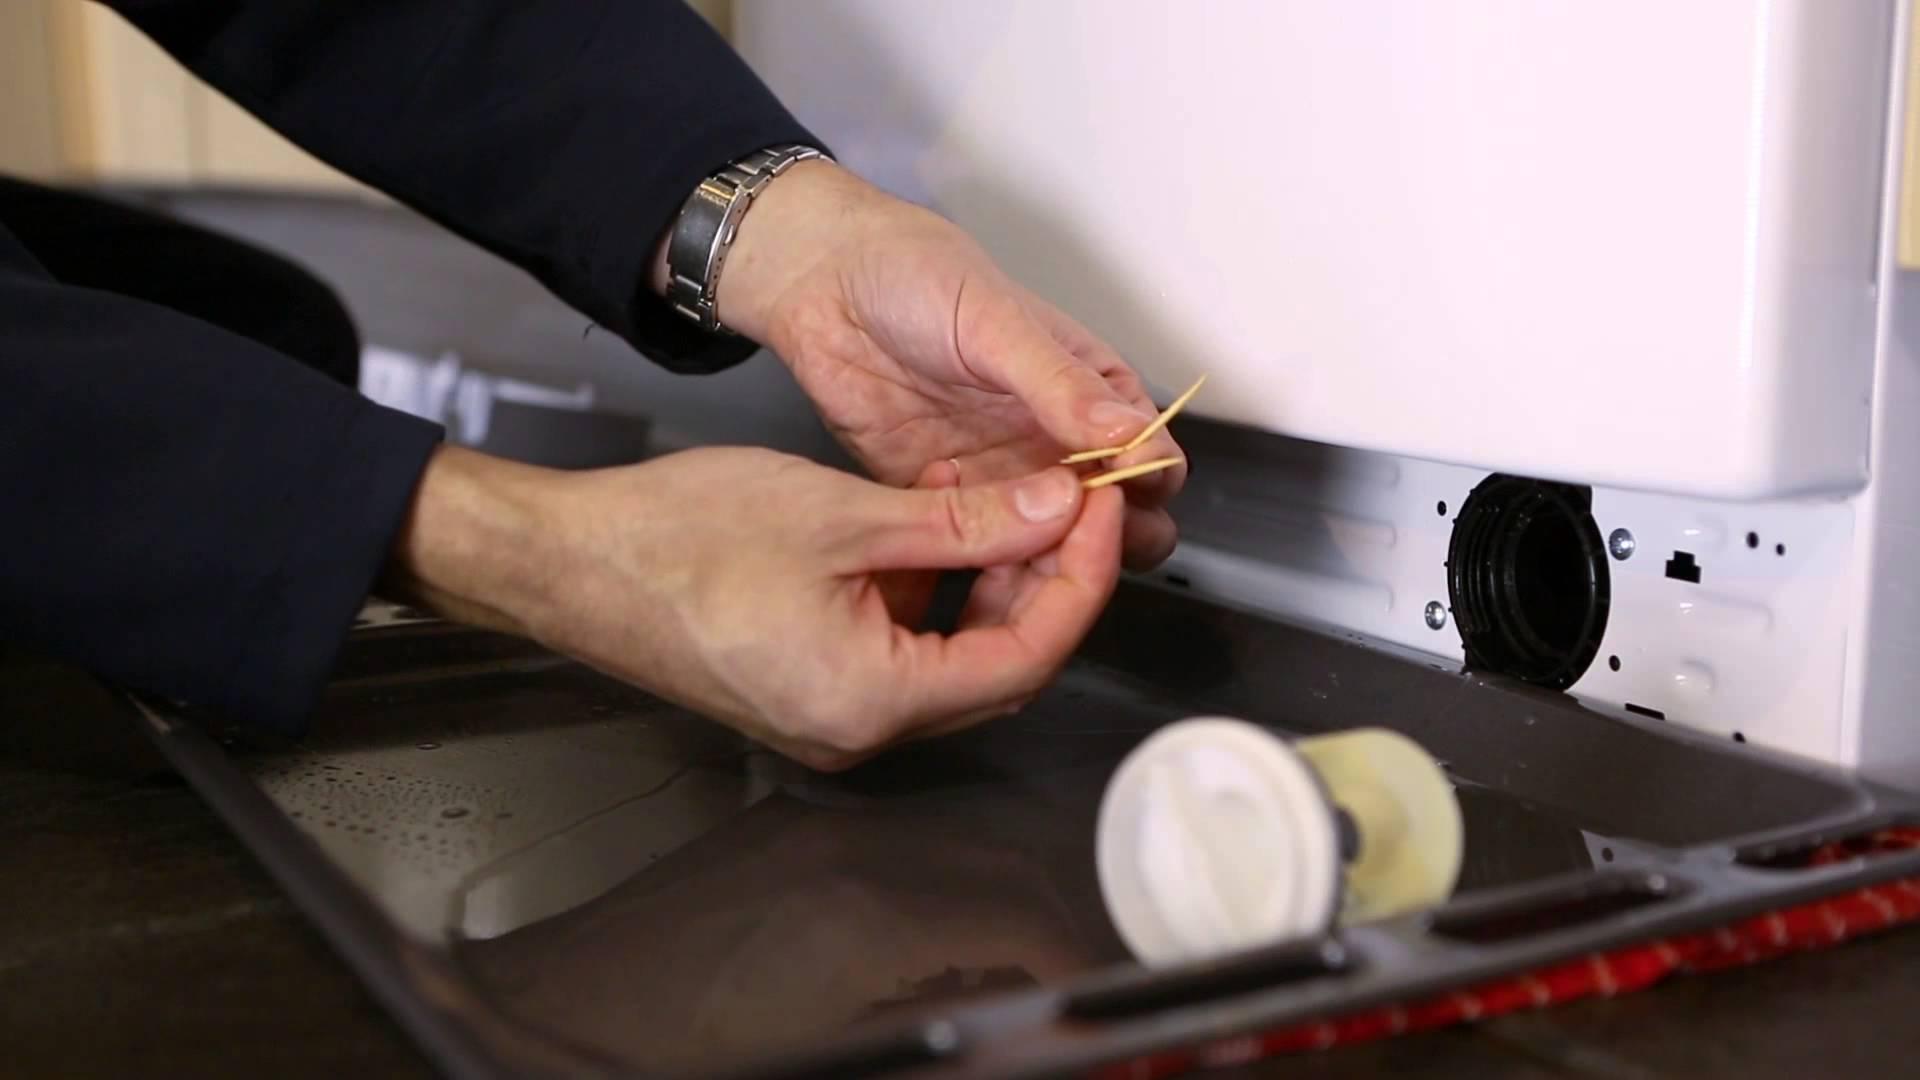 чистка фильтра в стиралке